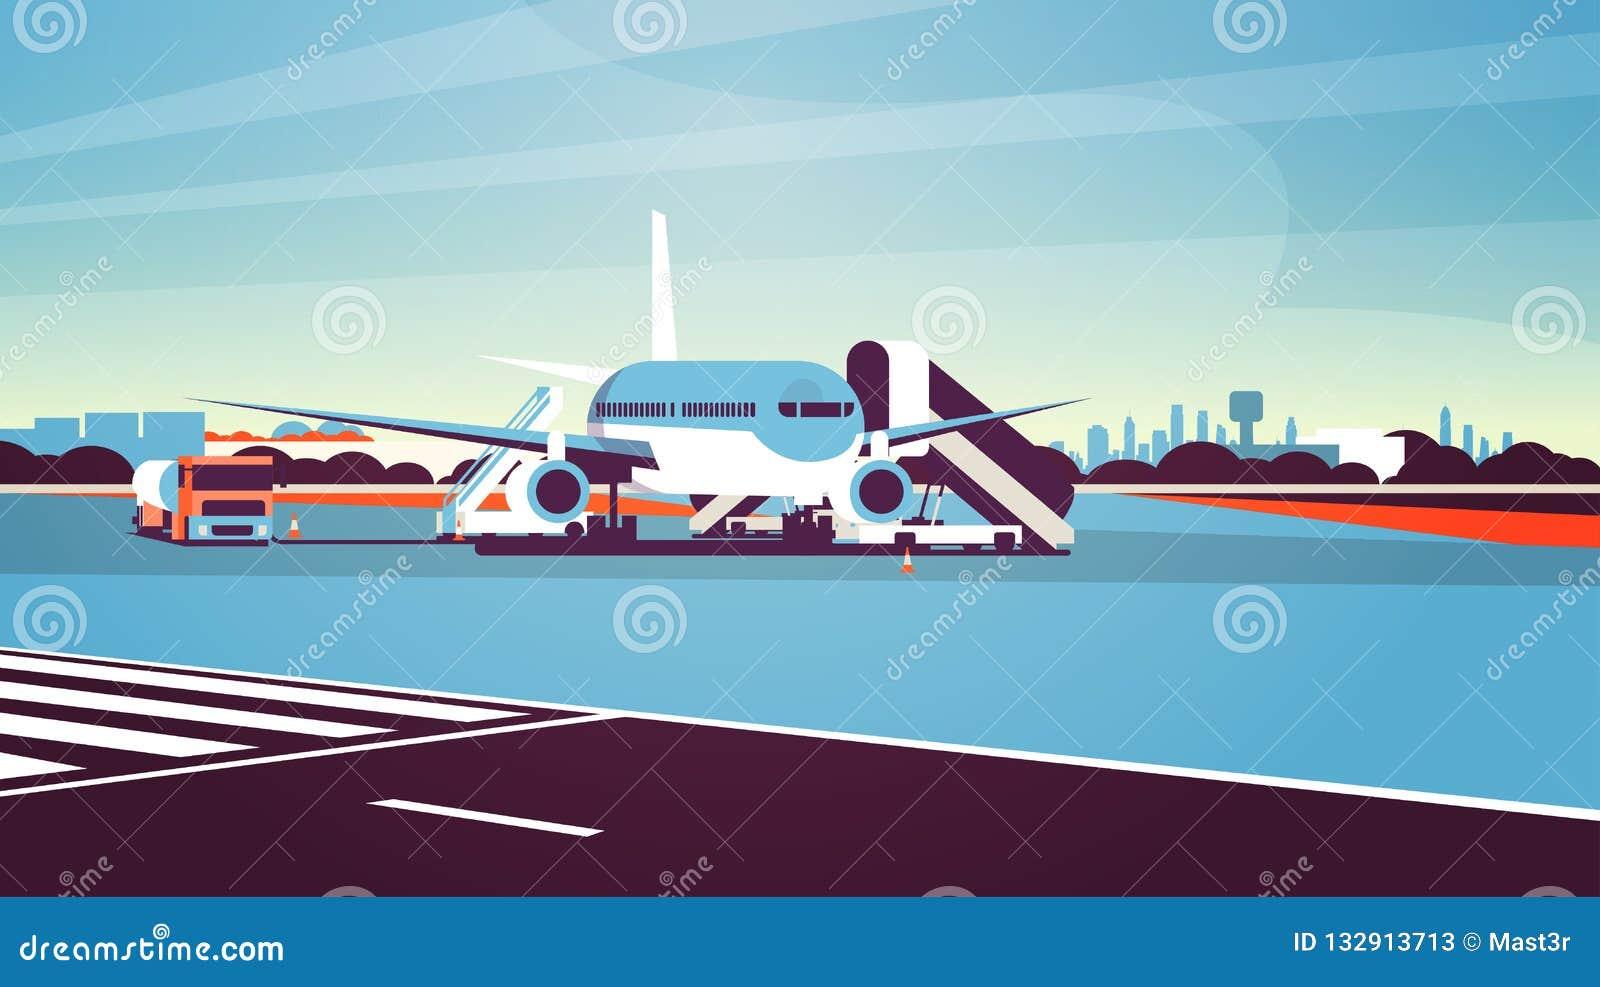 上乘客都市风景背景的机场终端航空器飞行平面离开等待平展水平